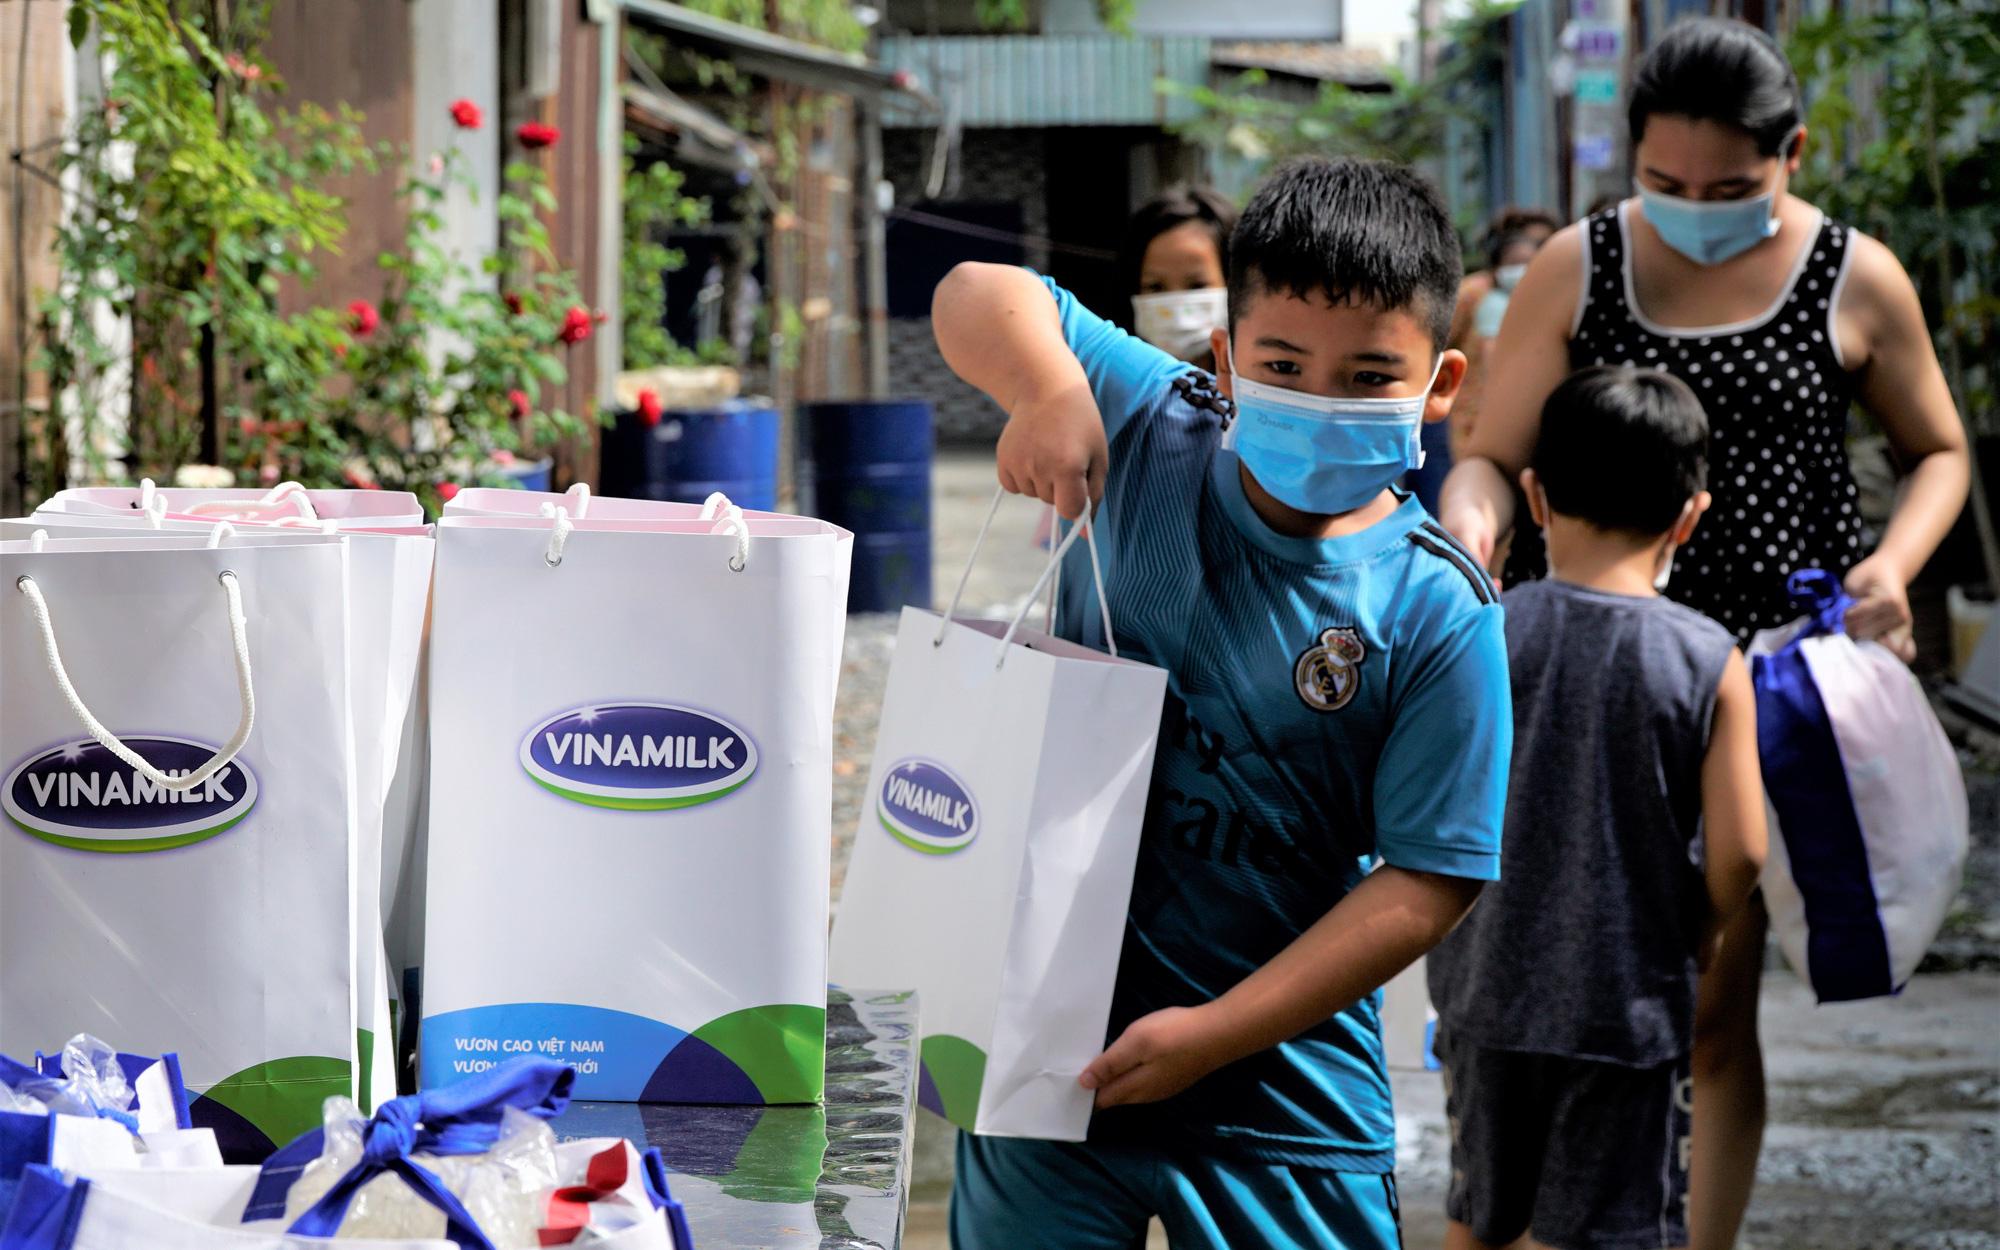 San sẻ khó khăn mùa dịch, Vinamilk tặng 45.000 phần quà cho người dân gặp khó khăn tại TP.HCM, Bình Dương, Đồng Nai